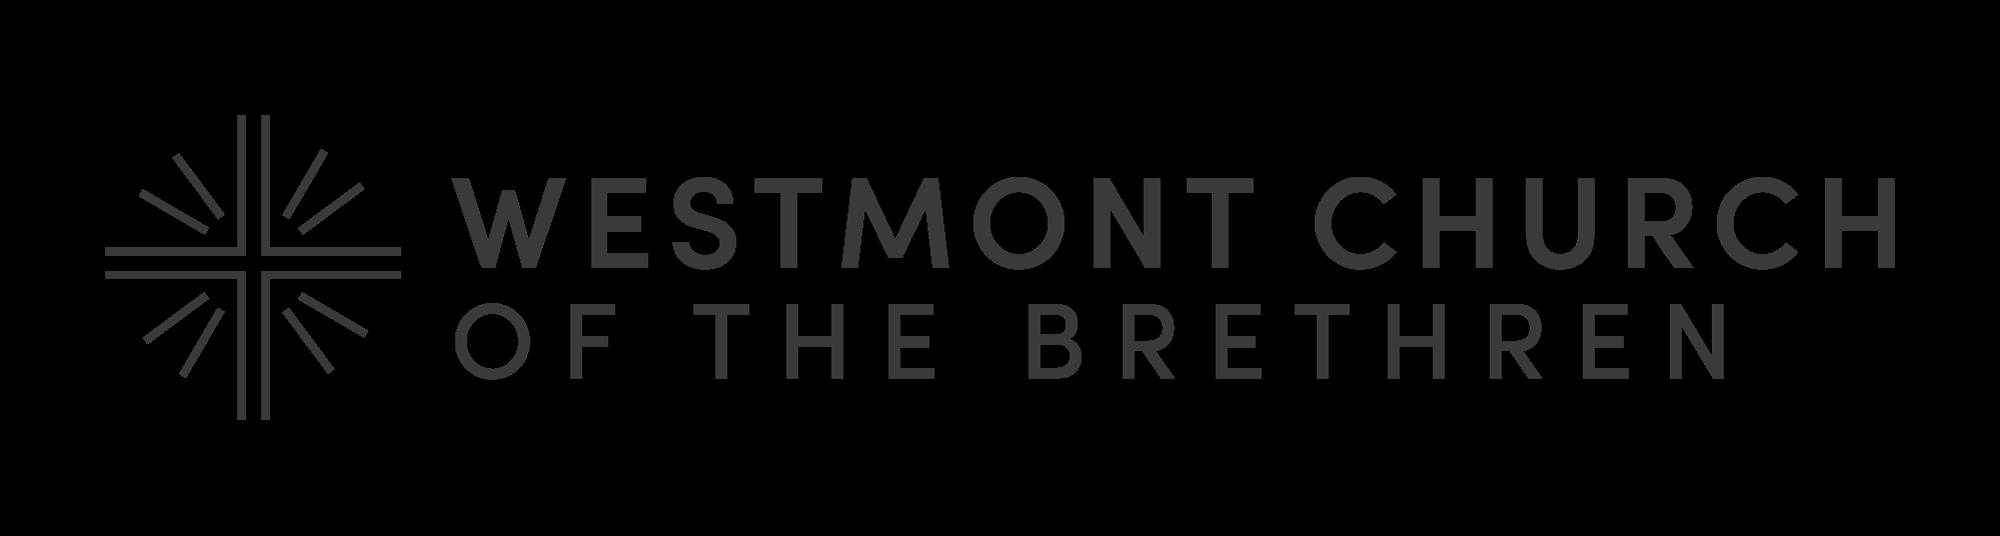 Westmont Church of the Brethren